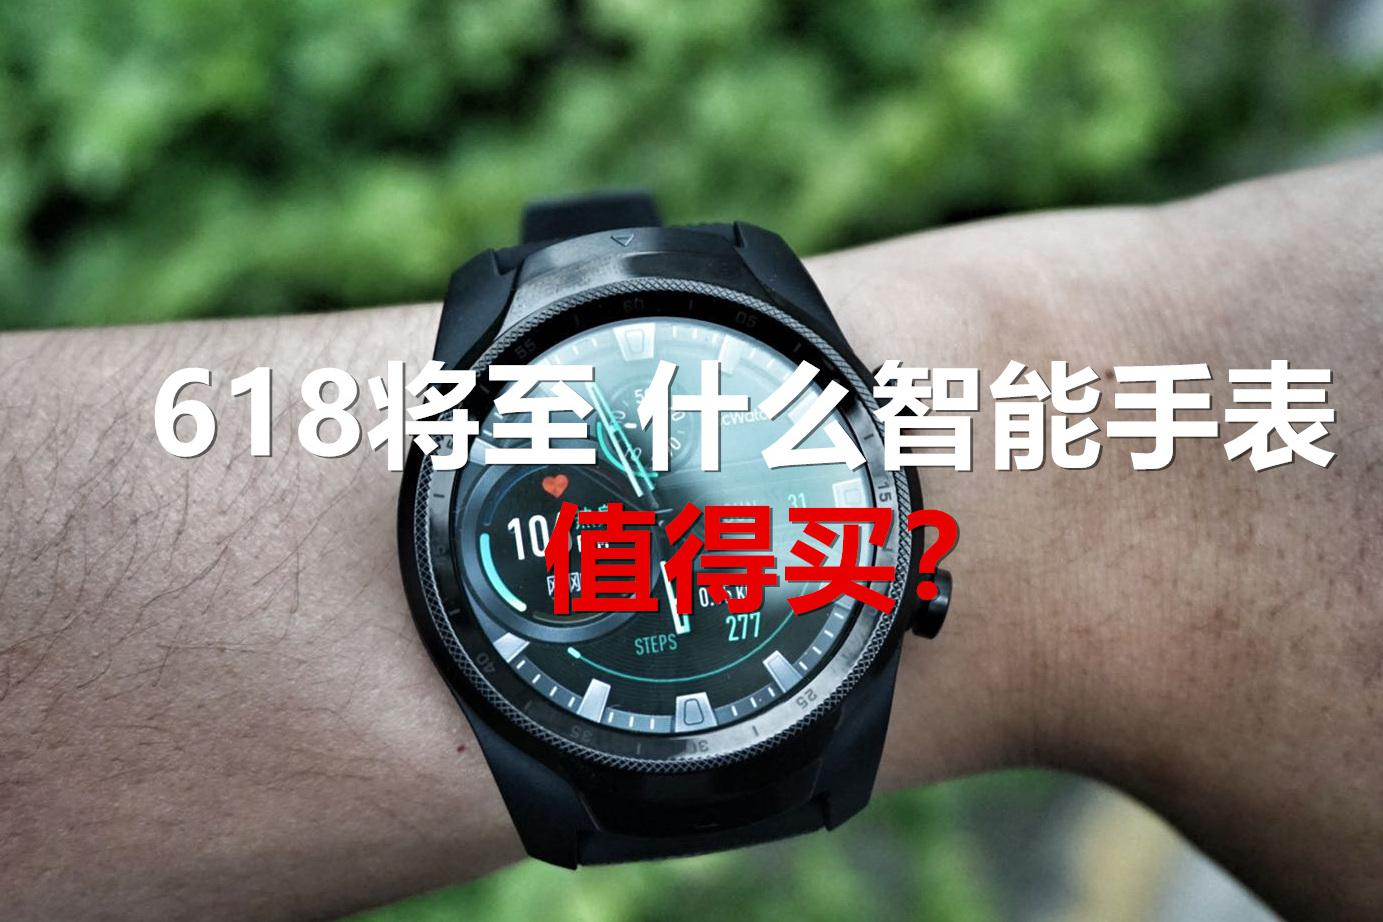 什么智能手表值得买?TicWatch Pro 2020 评测